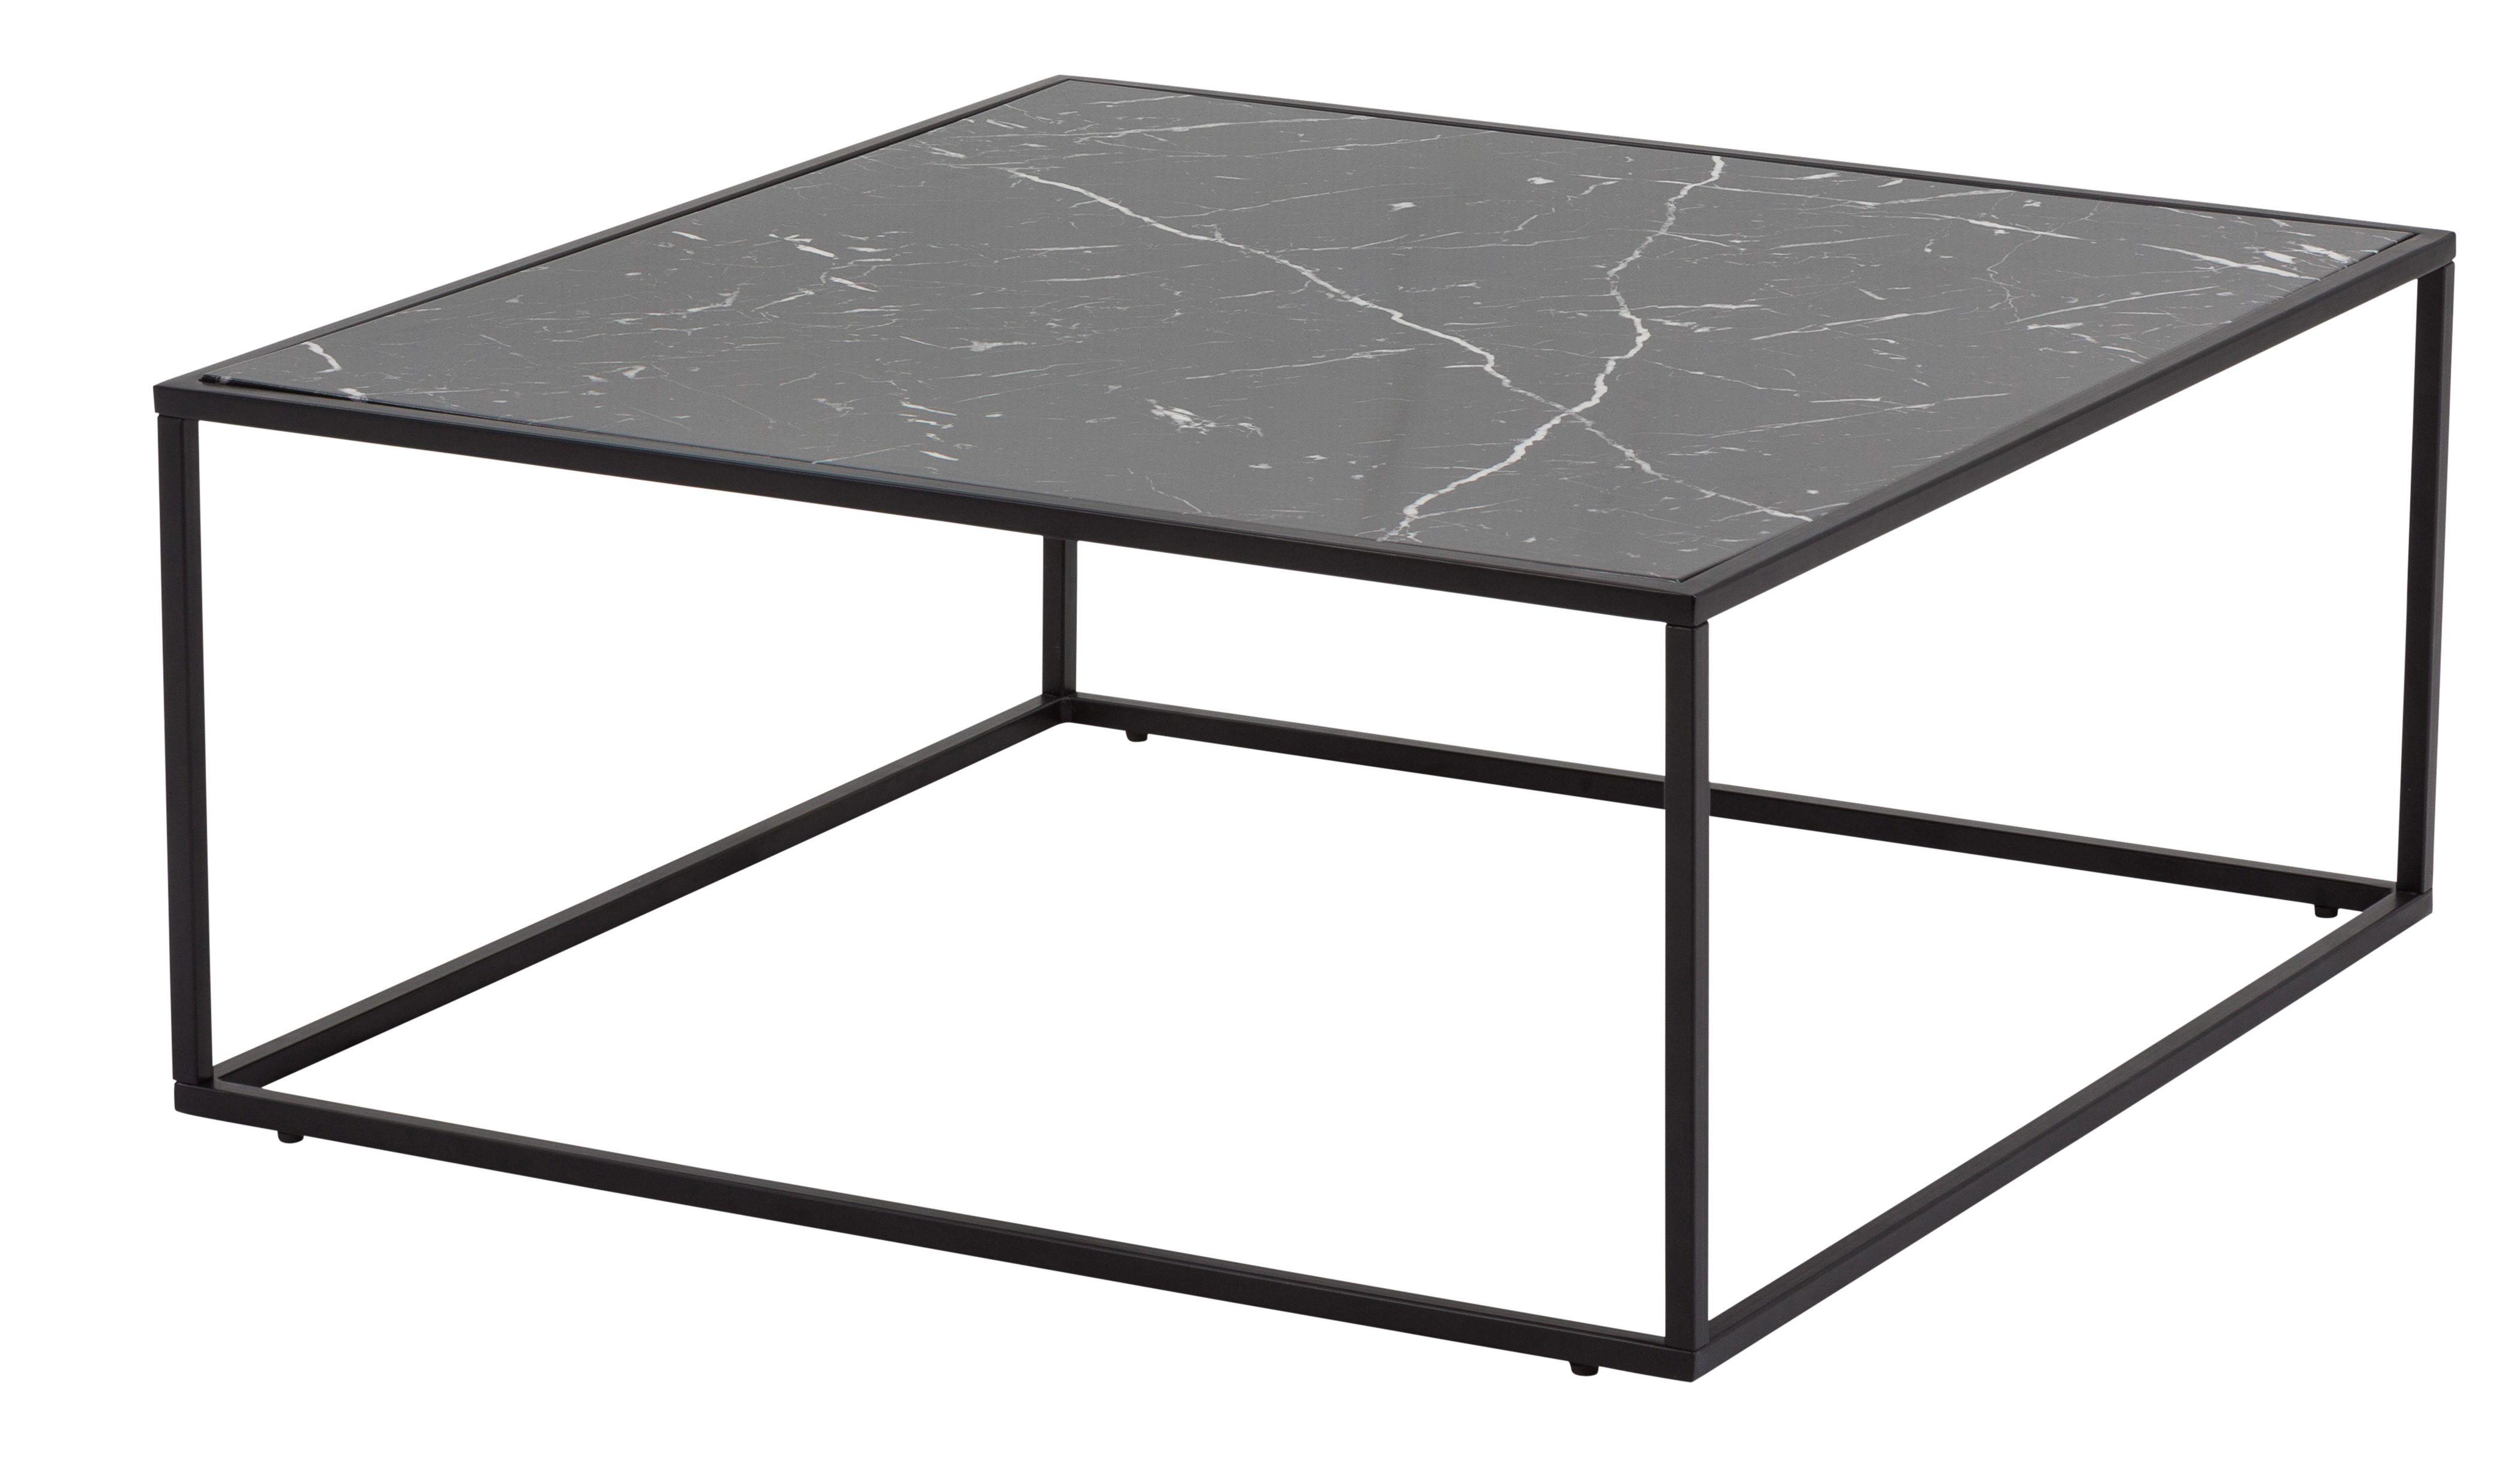 Table Basse Bau Noir Effet Marbre En 2020 Table Basse Table Basse Carree Et Table Basse Metal